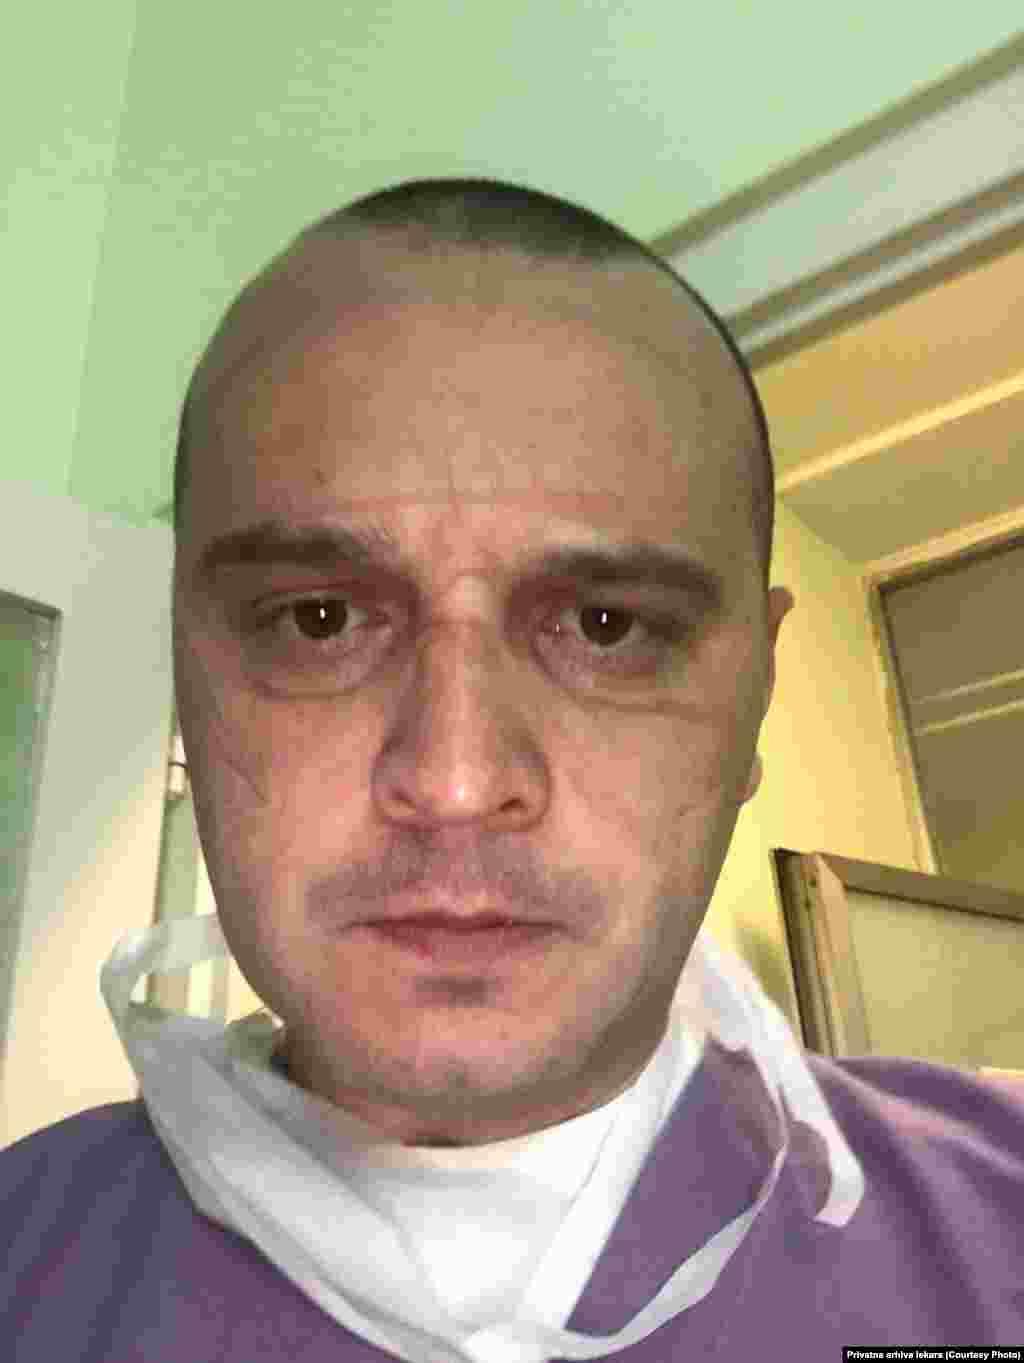 Doktor Saša Ristić na pauzi između smena, COVID bolnica Kliničkog centra u Nišu.